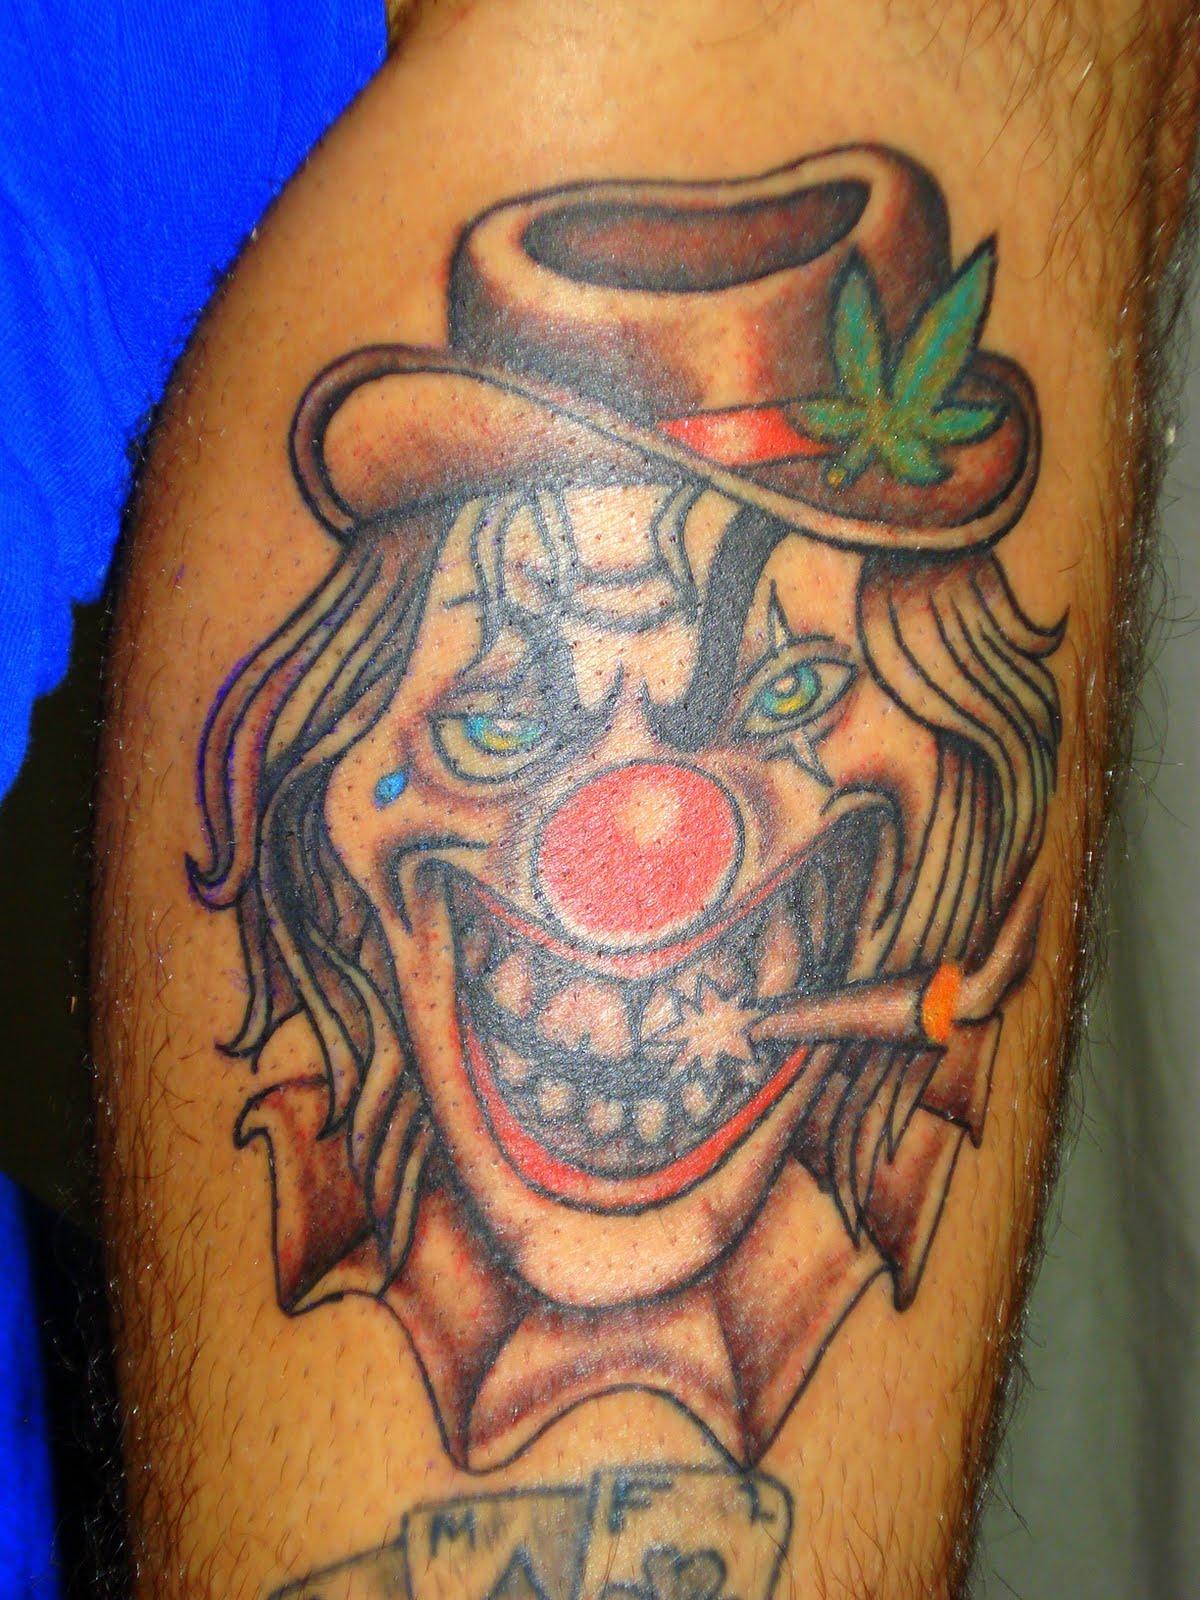 pin bufones tatuajes payasos gracias sergio esteban por